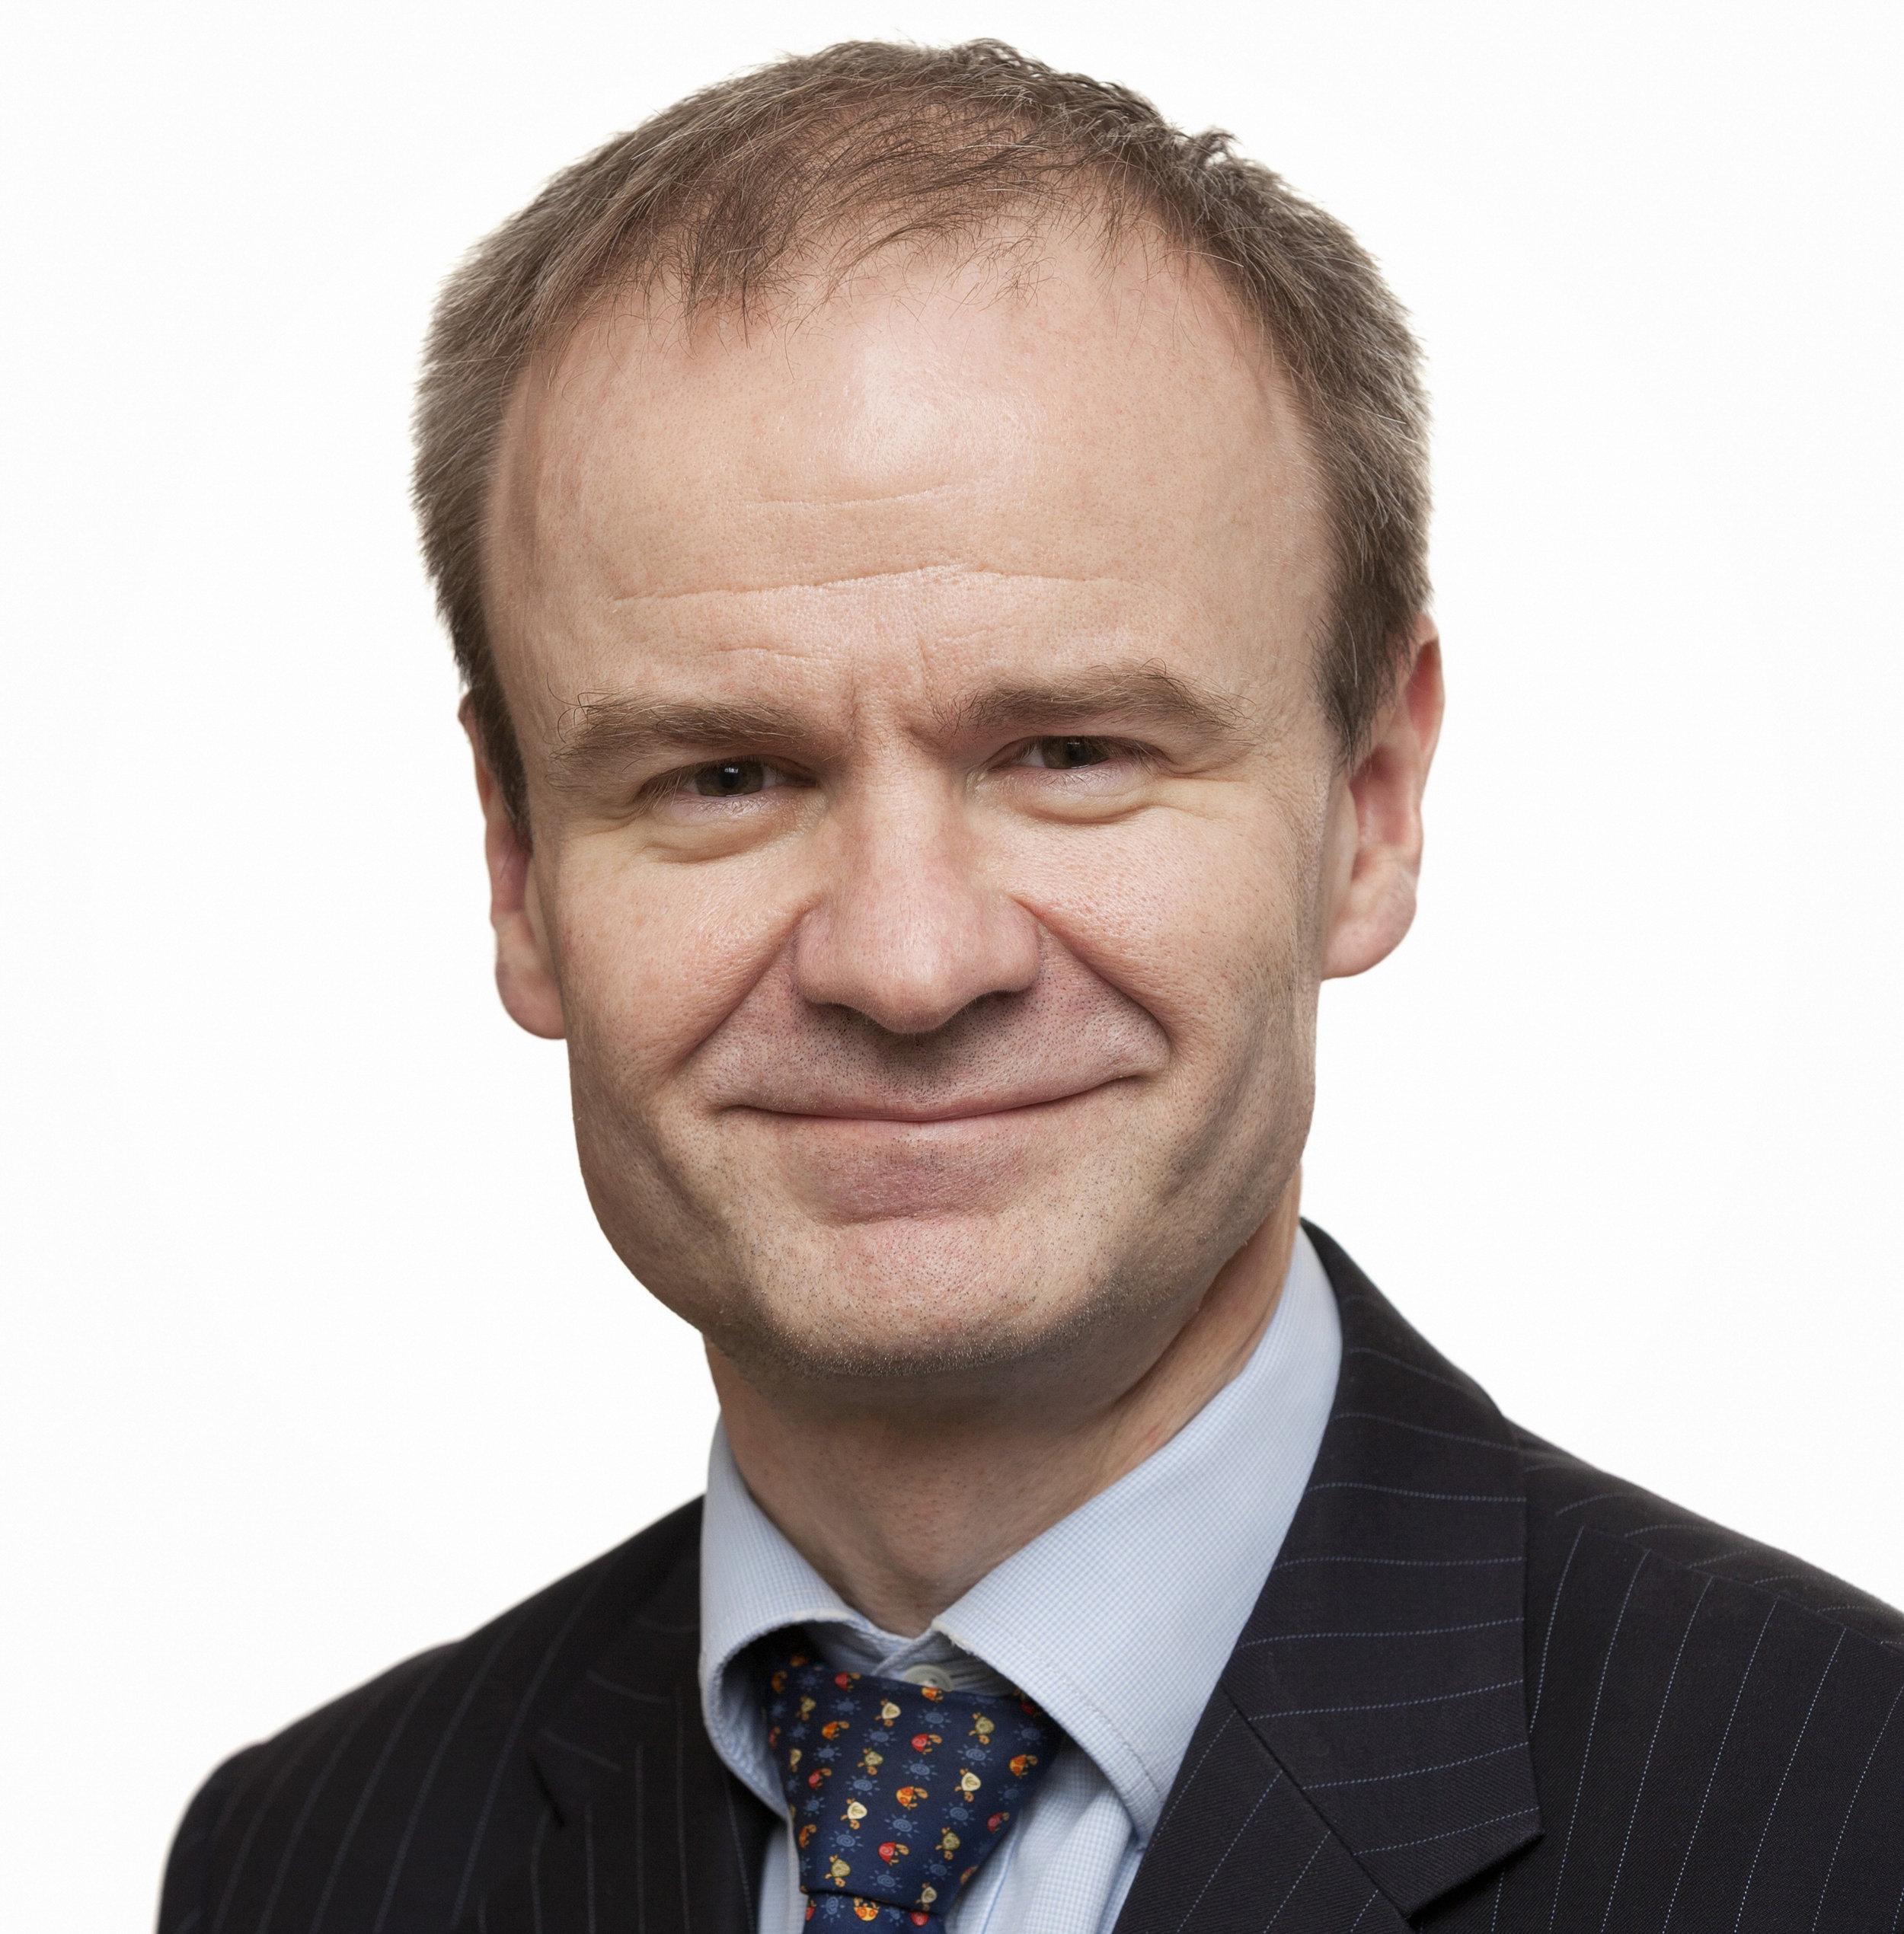 Jason Warren, Professor of Neurology, UCL